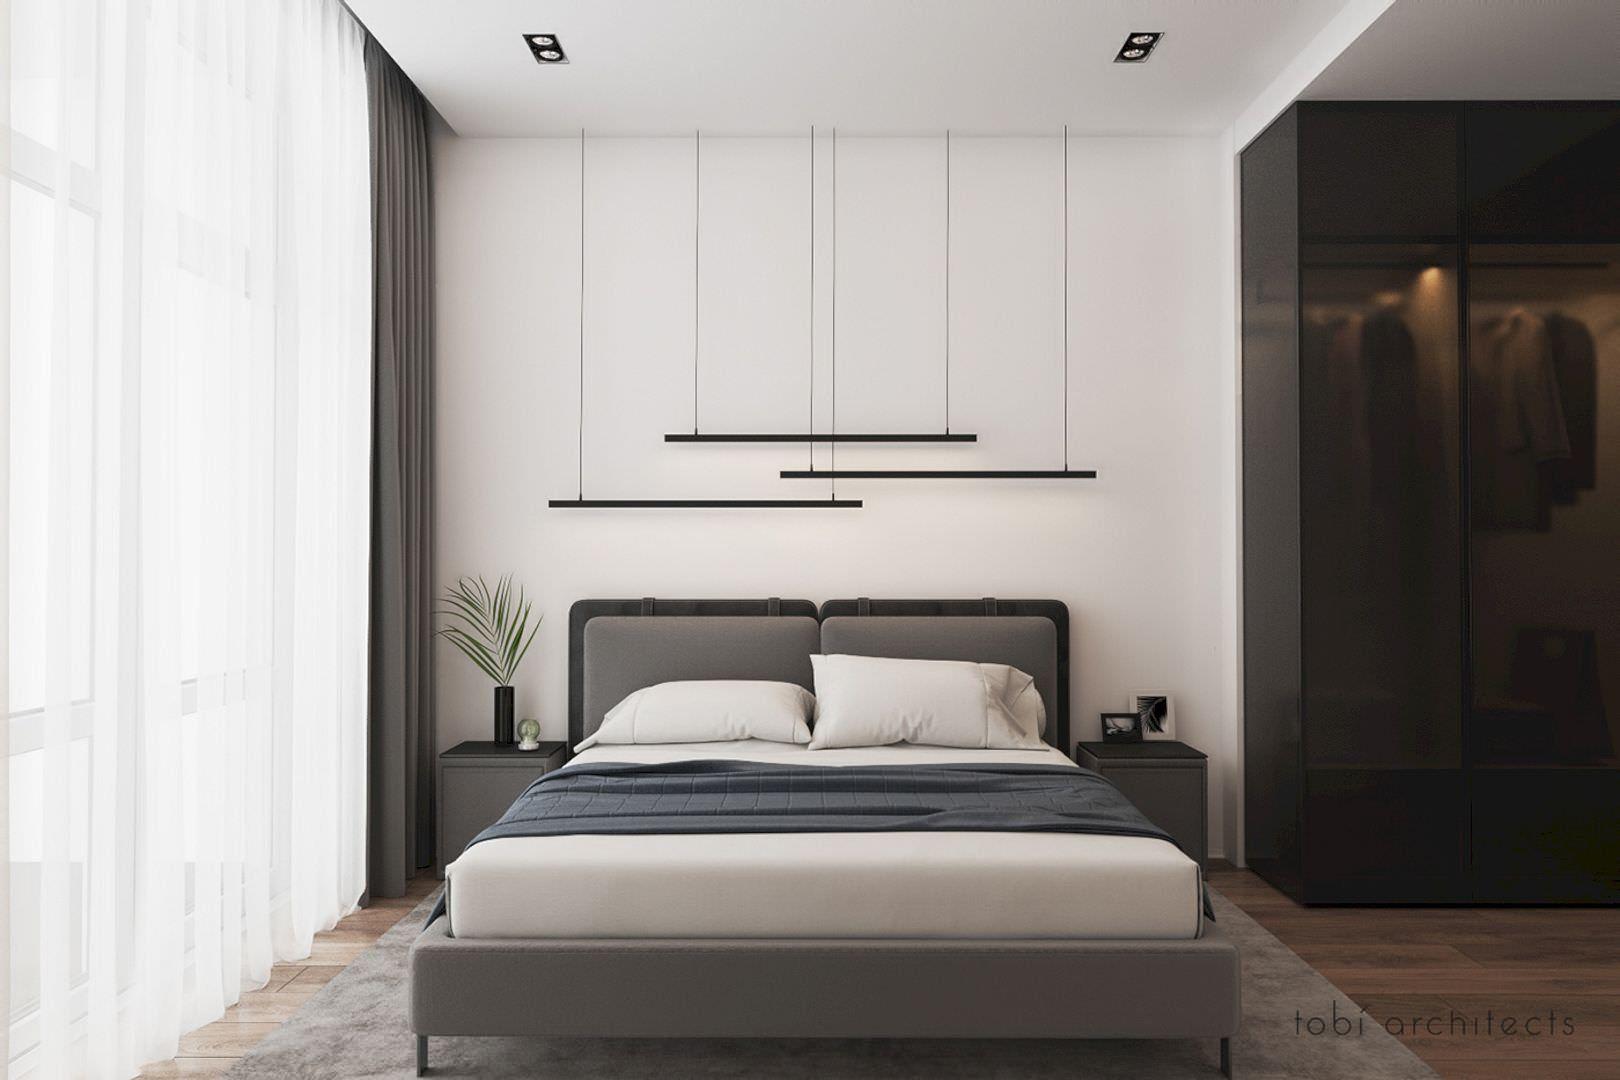 دکوارسیون اتاق خواب مدرن و ساده با تخت پارچه ای خاکستری که از تعادل نامتقارن در رنگ های تیره و روشن در آن استفاده شده است